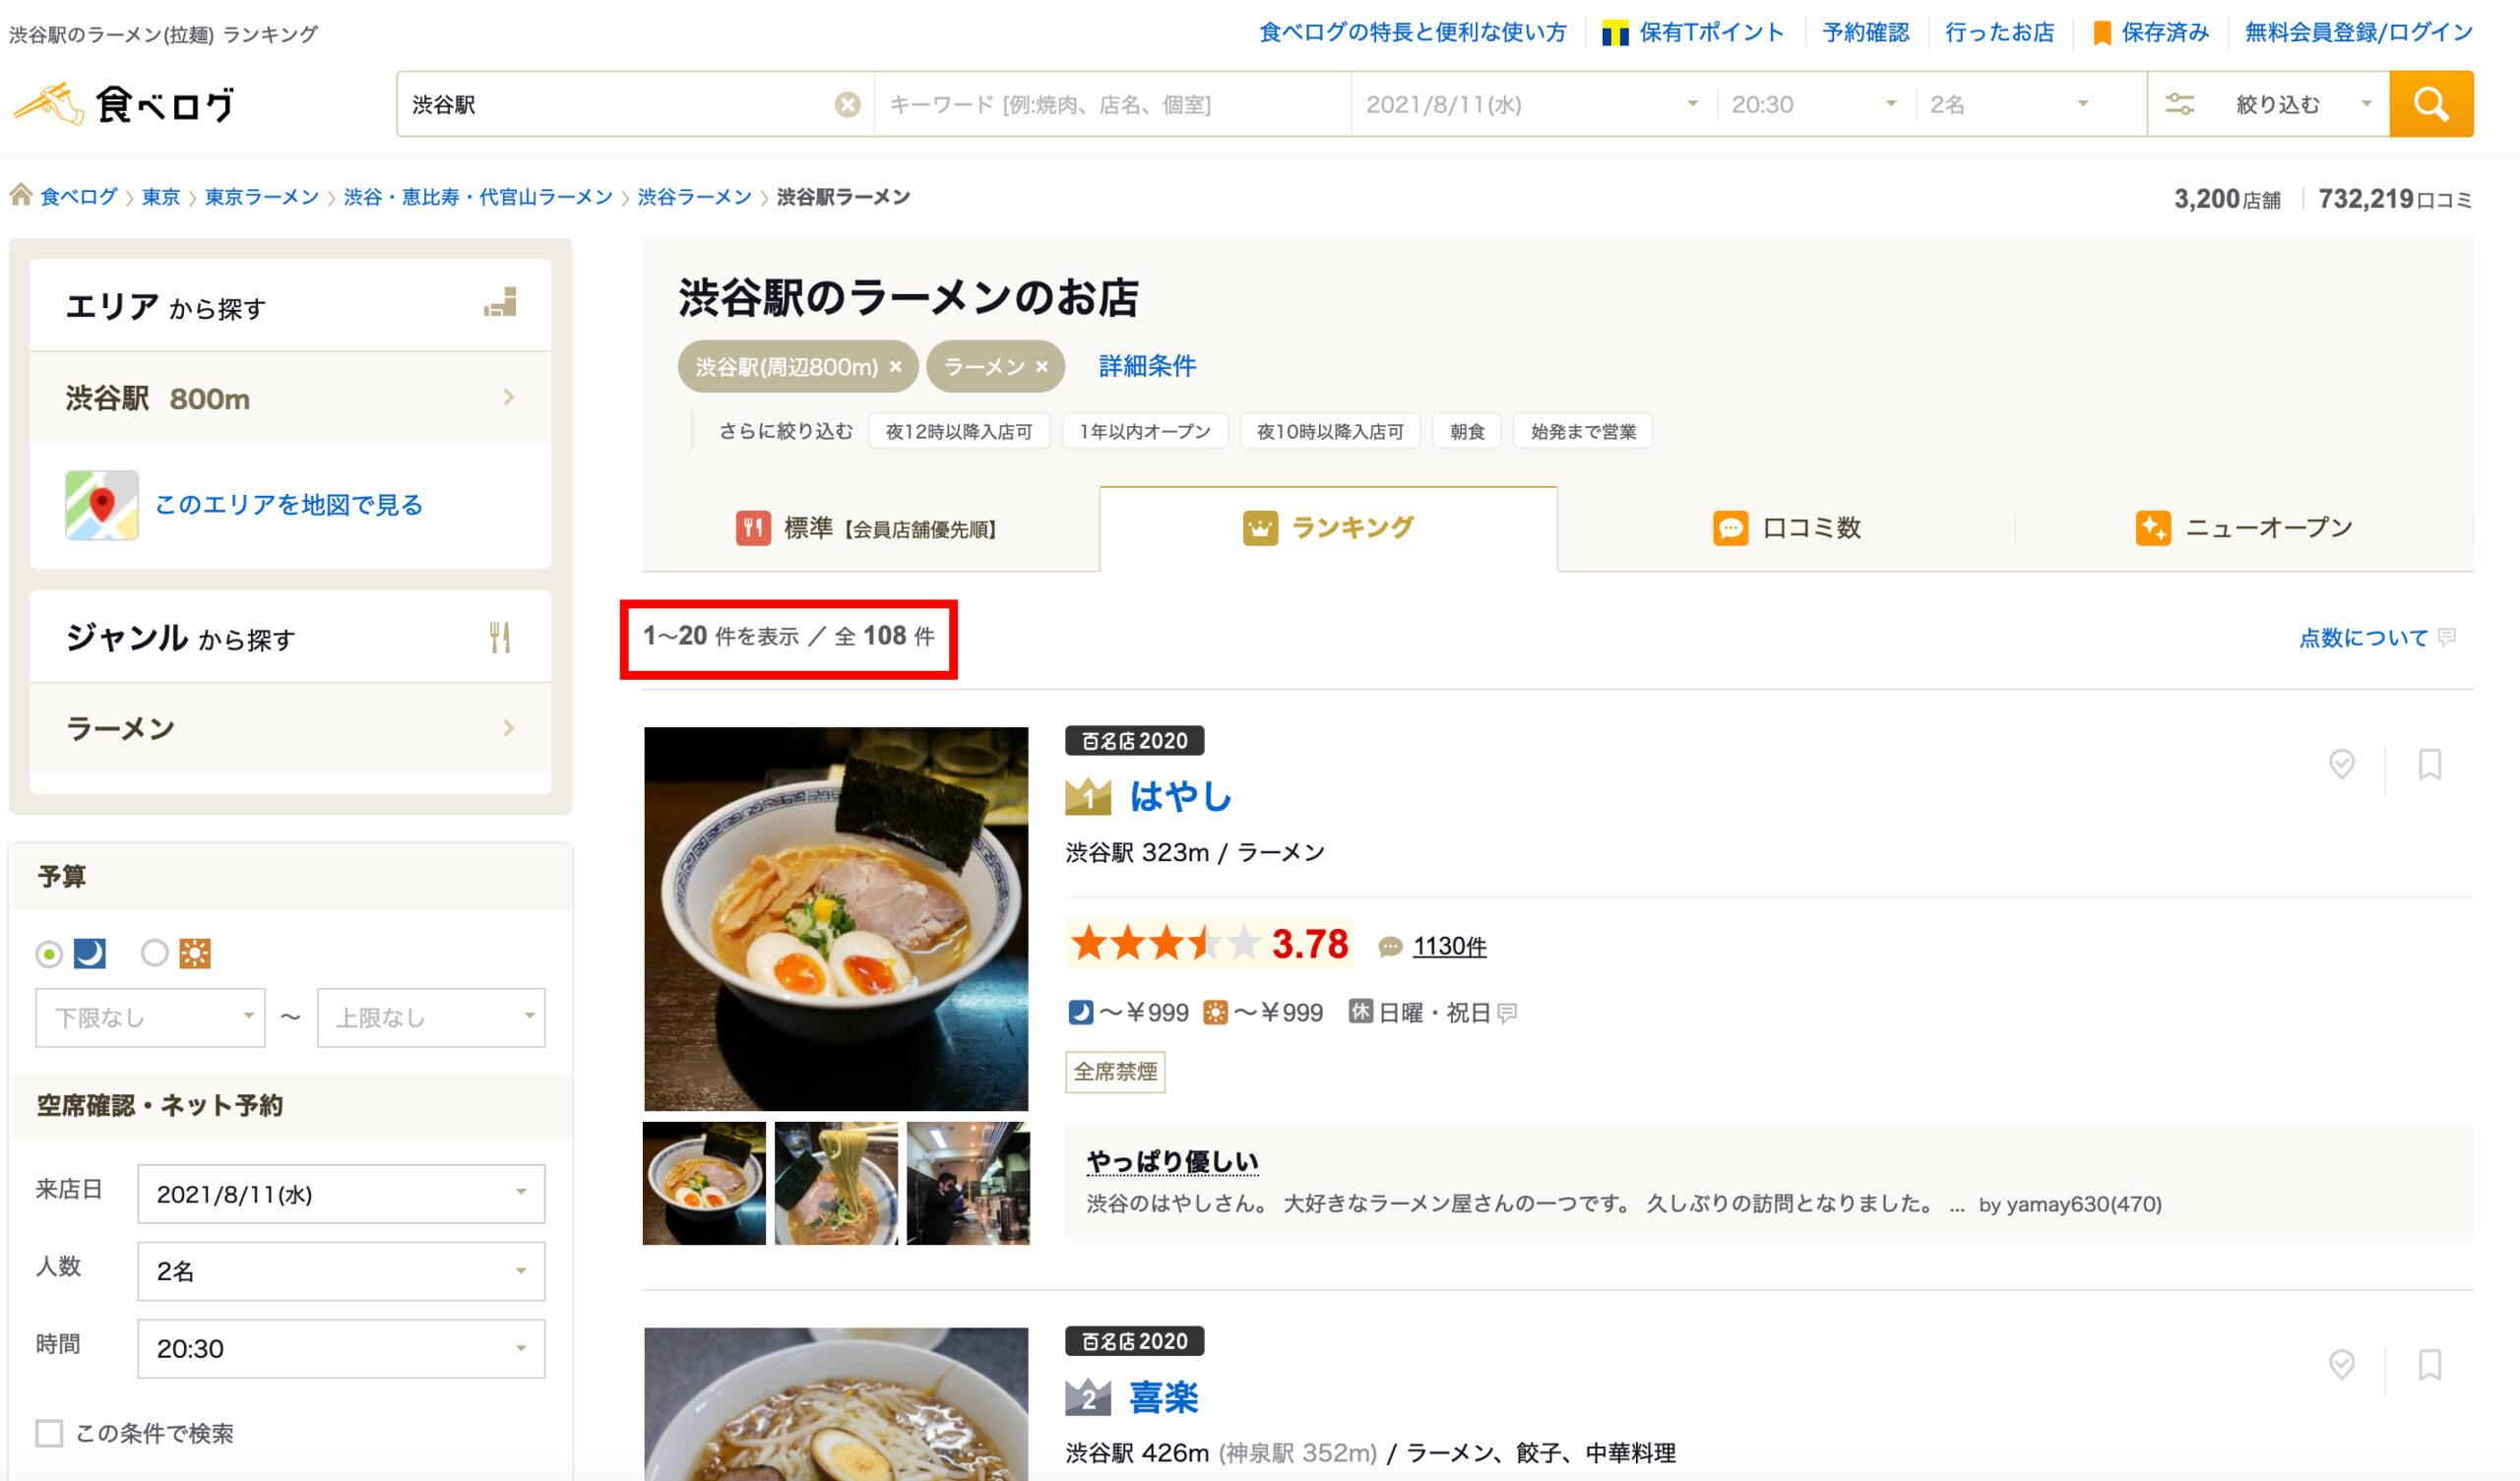 「渋谷 ラーメン」の検索結果